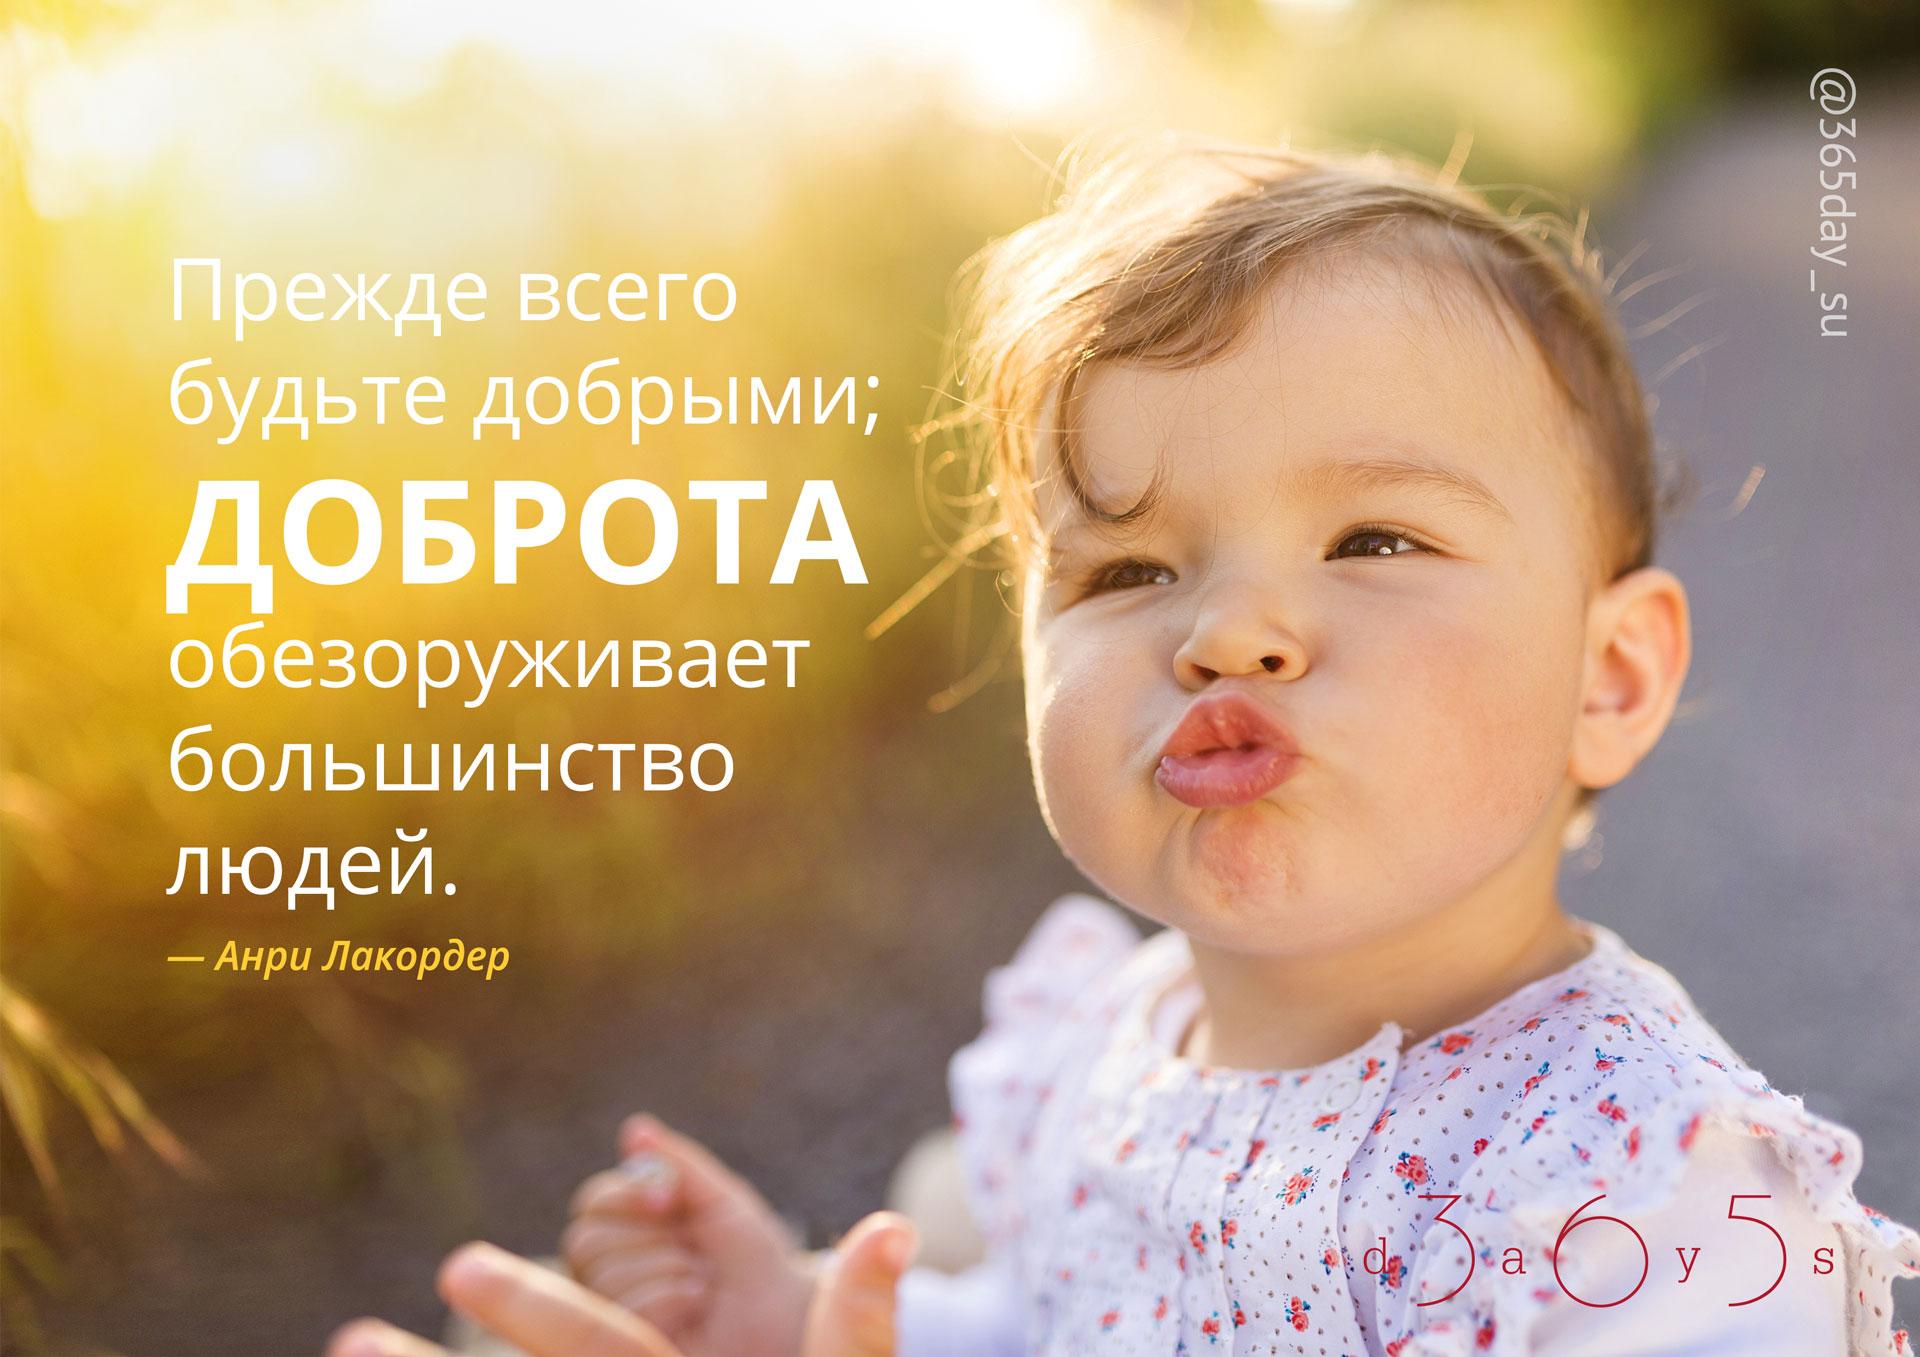 Цитата о детях в картинках